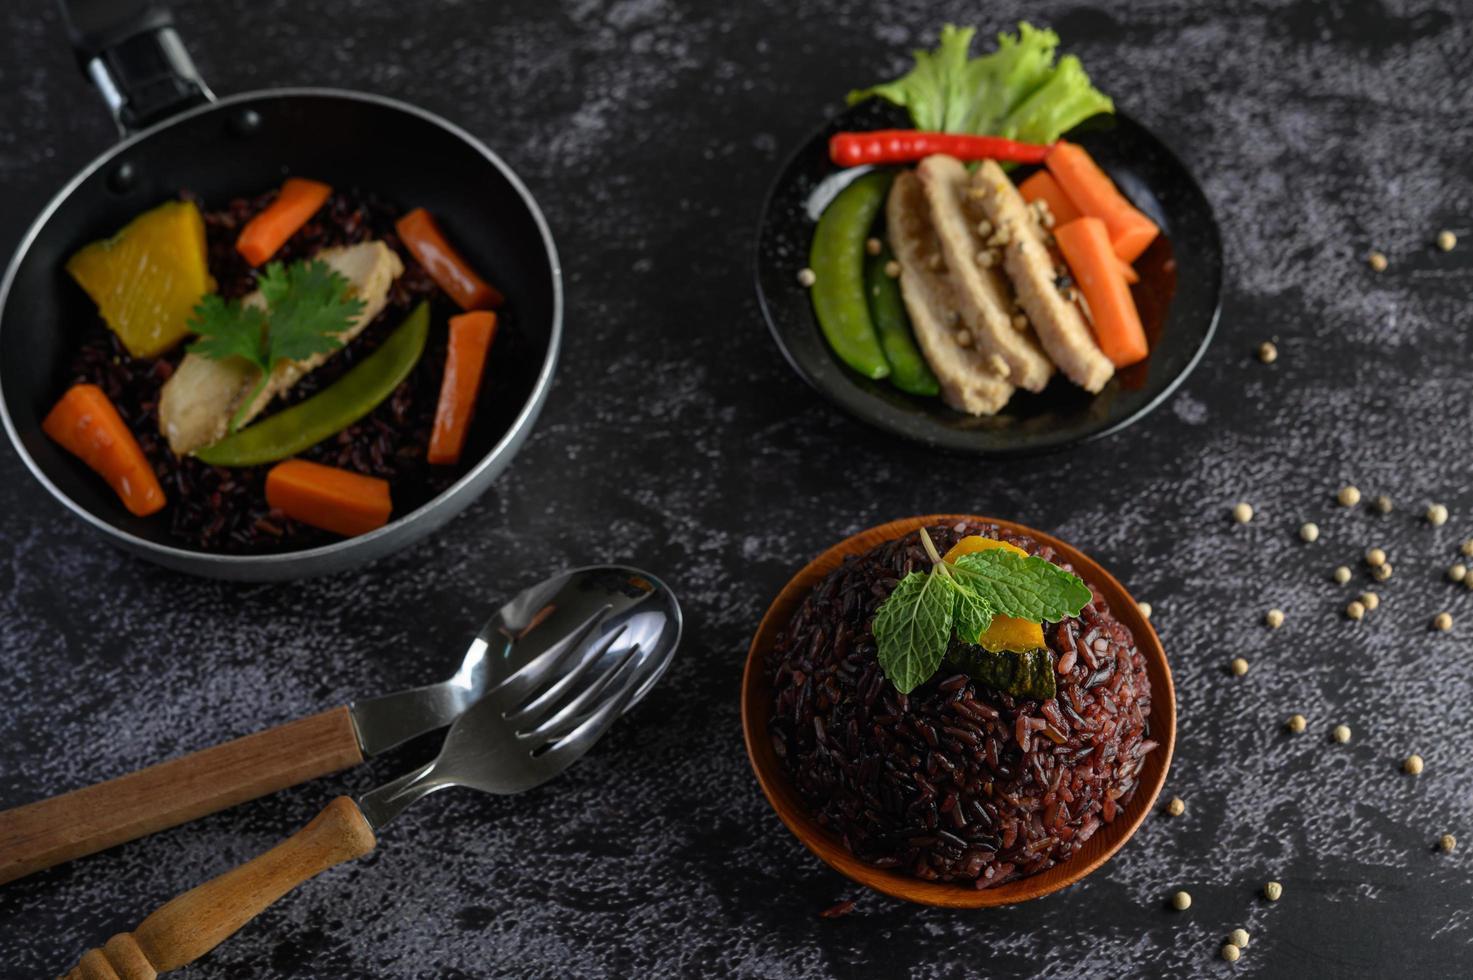 baies de riz violettes avec poitrine de poulet grillée et potiron et carotte photo